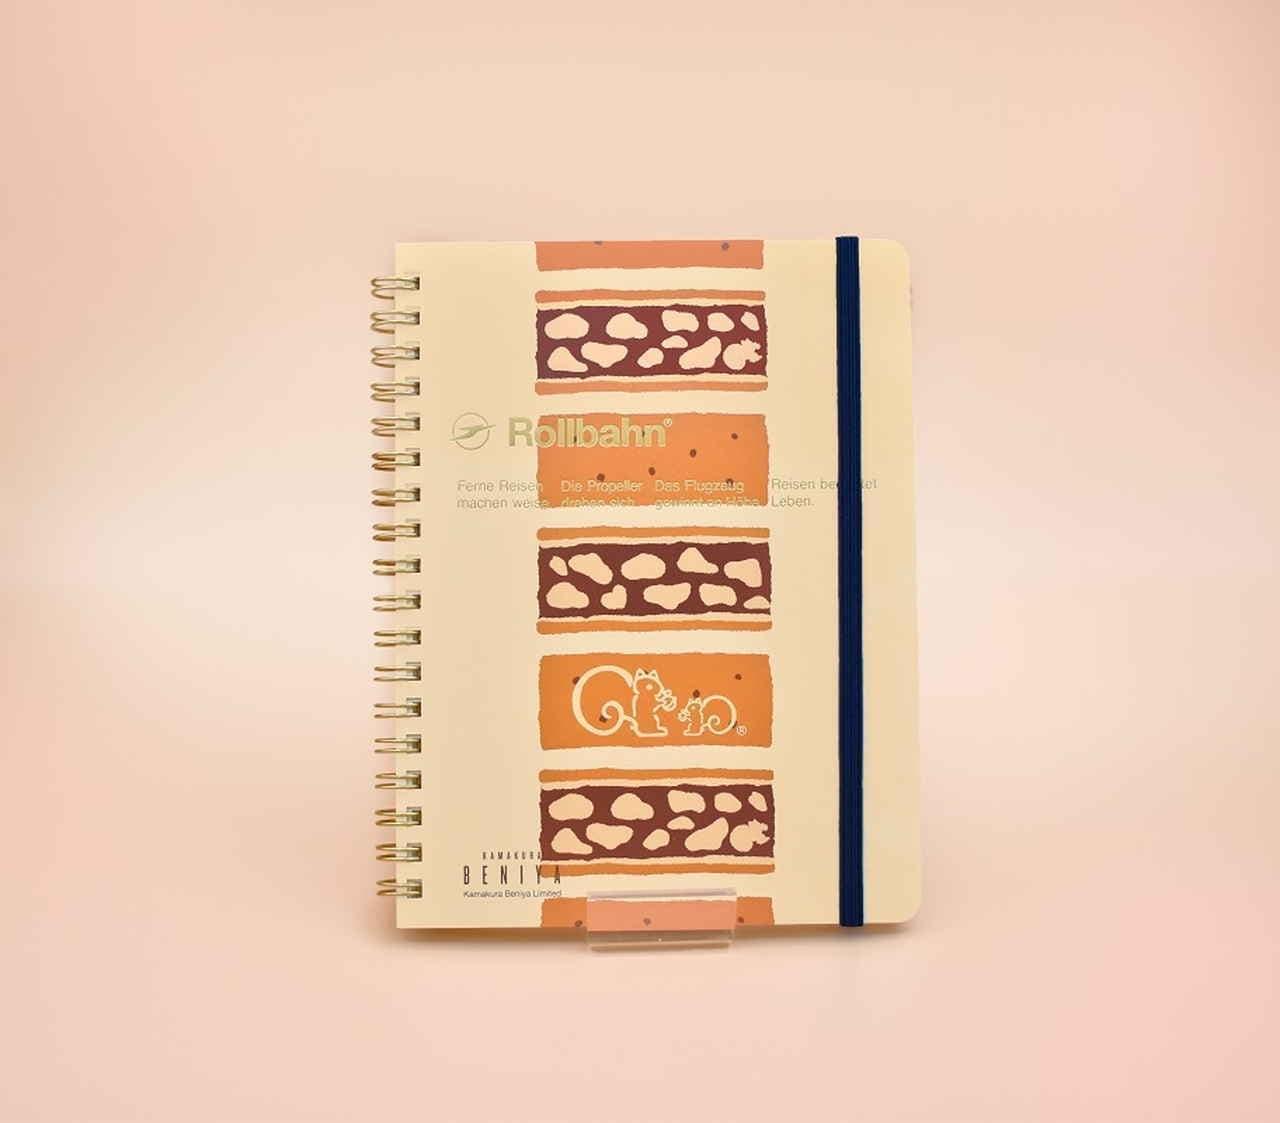 鎌倉紅谷「クルミッ子」×ロルバーンメモ帳